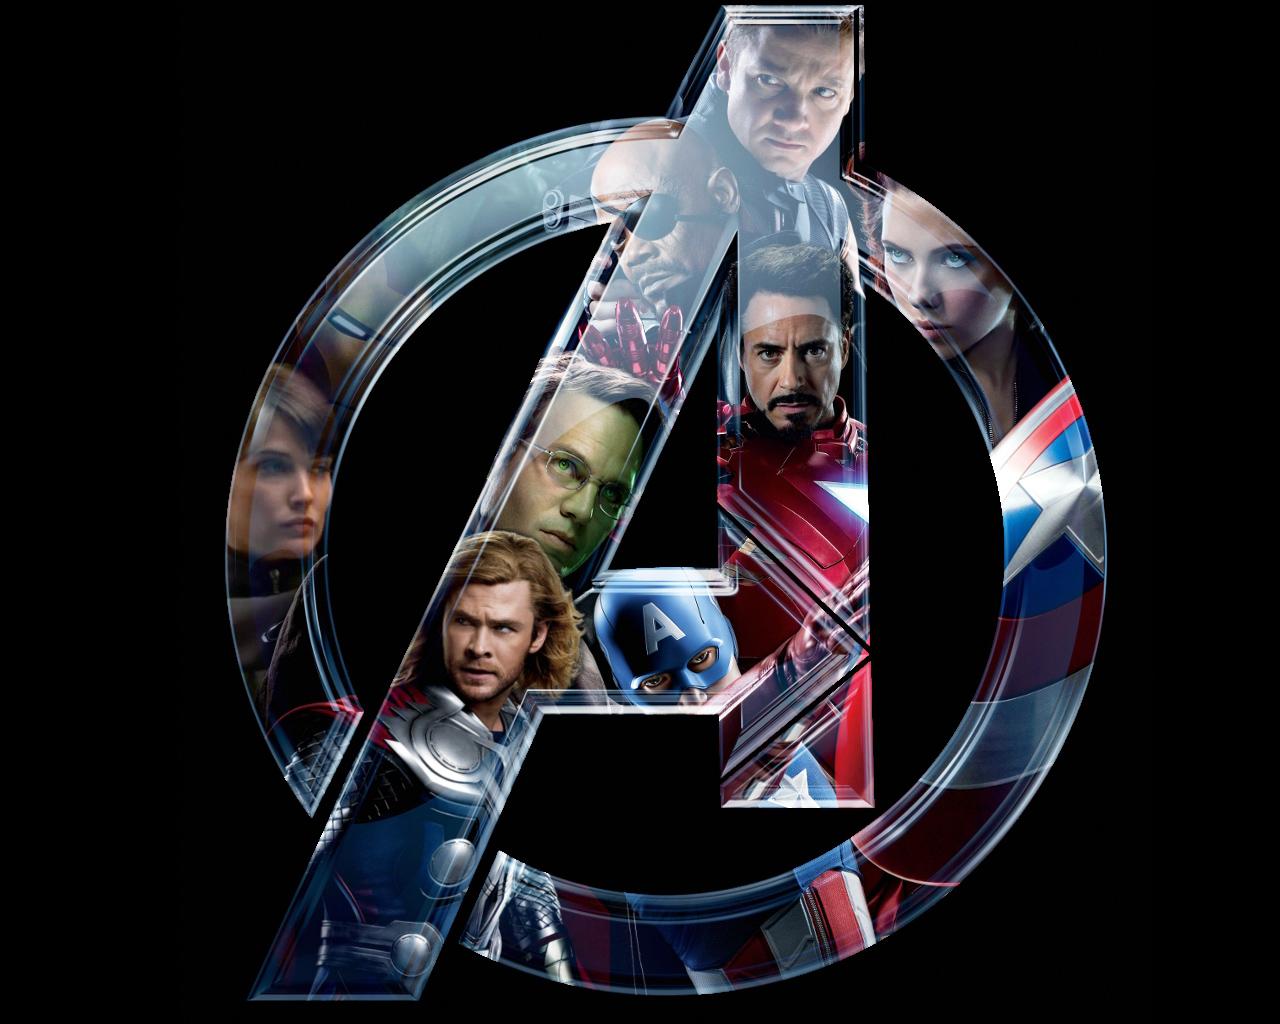 http://3.bp.blogspot.com/-RhJ_JnZ_nQ0/UN-z-dzH2QI/AAAAAAAAFVw/JX9pn-86Do0/s1600/avengers.jpg